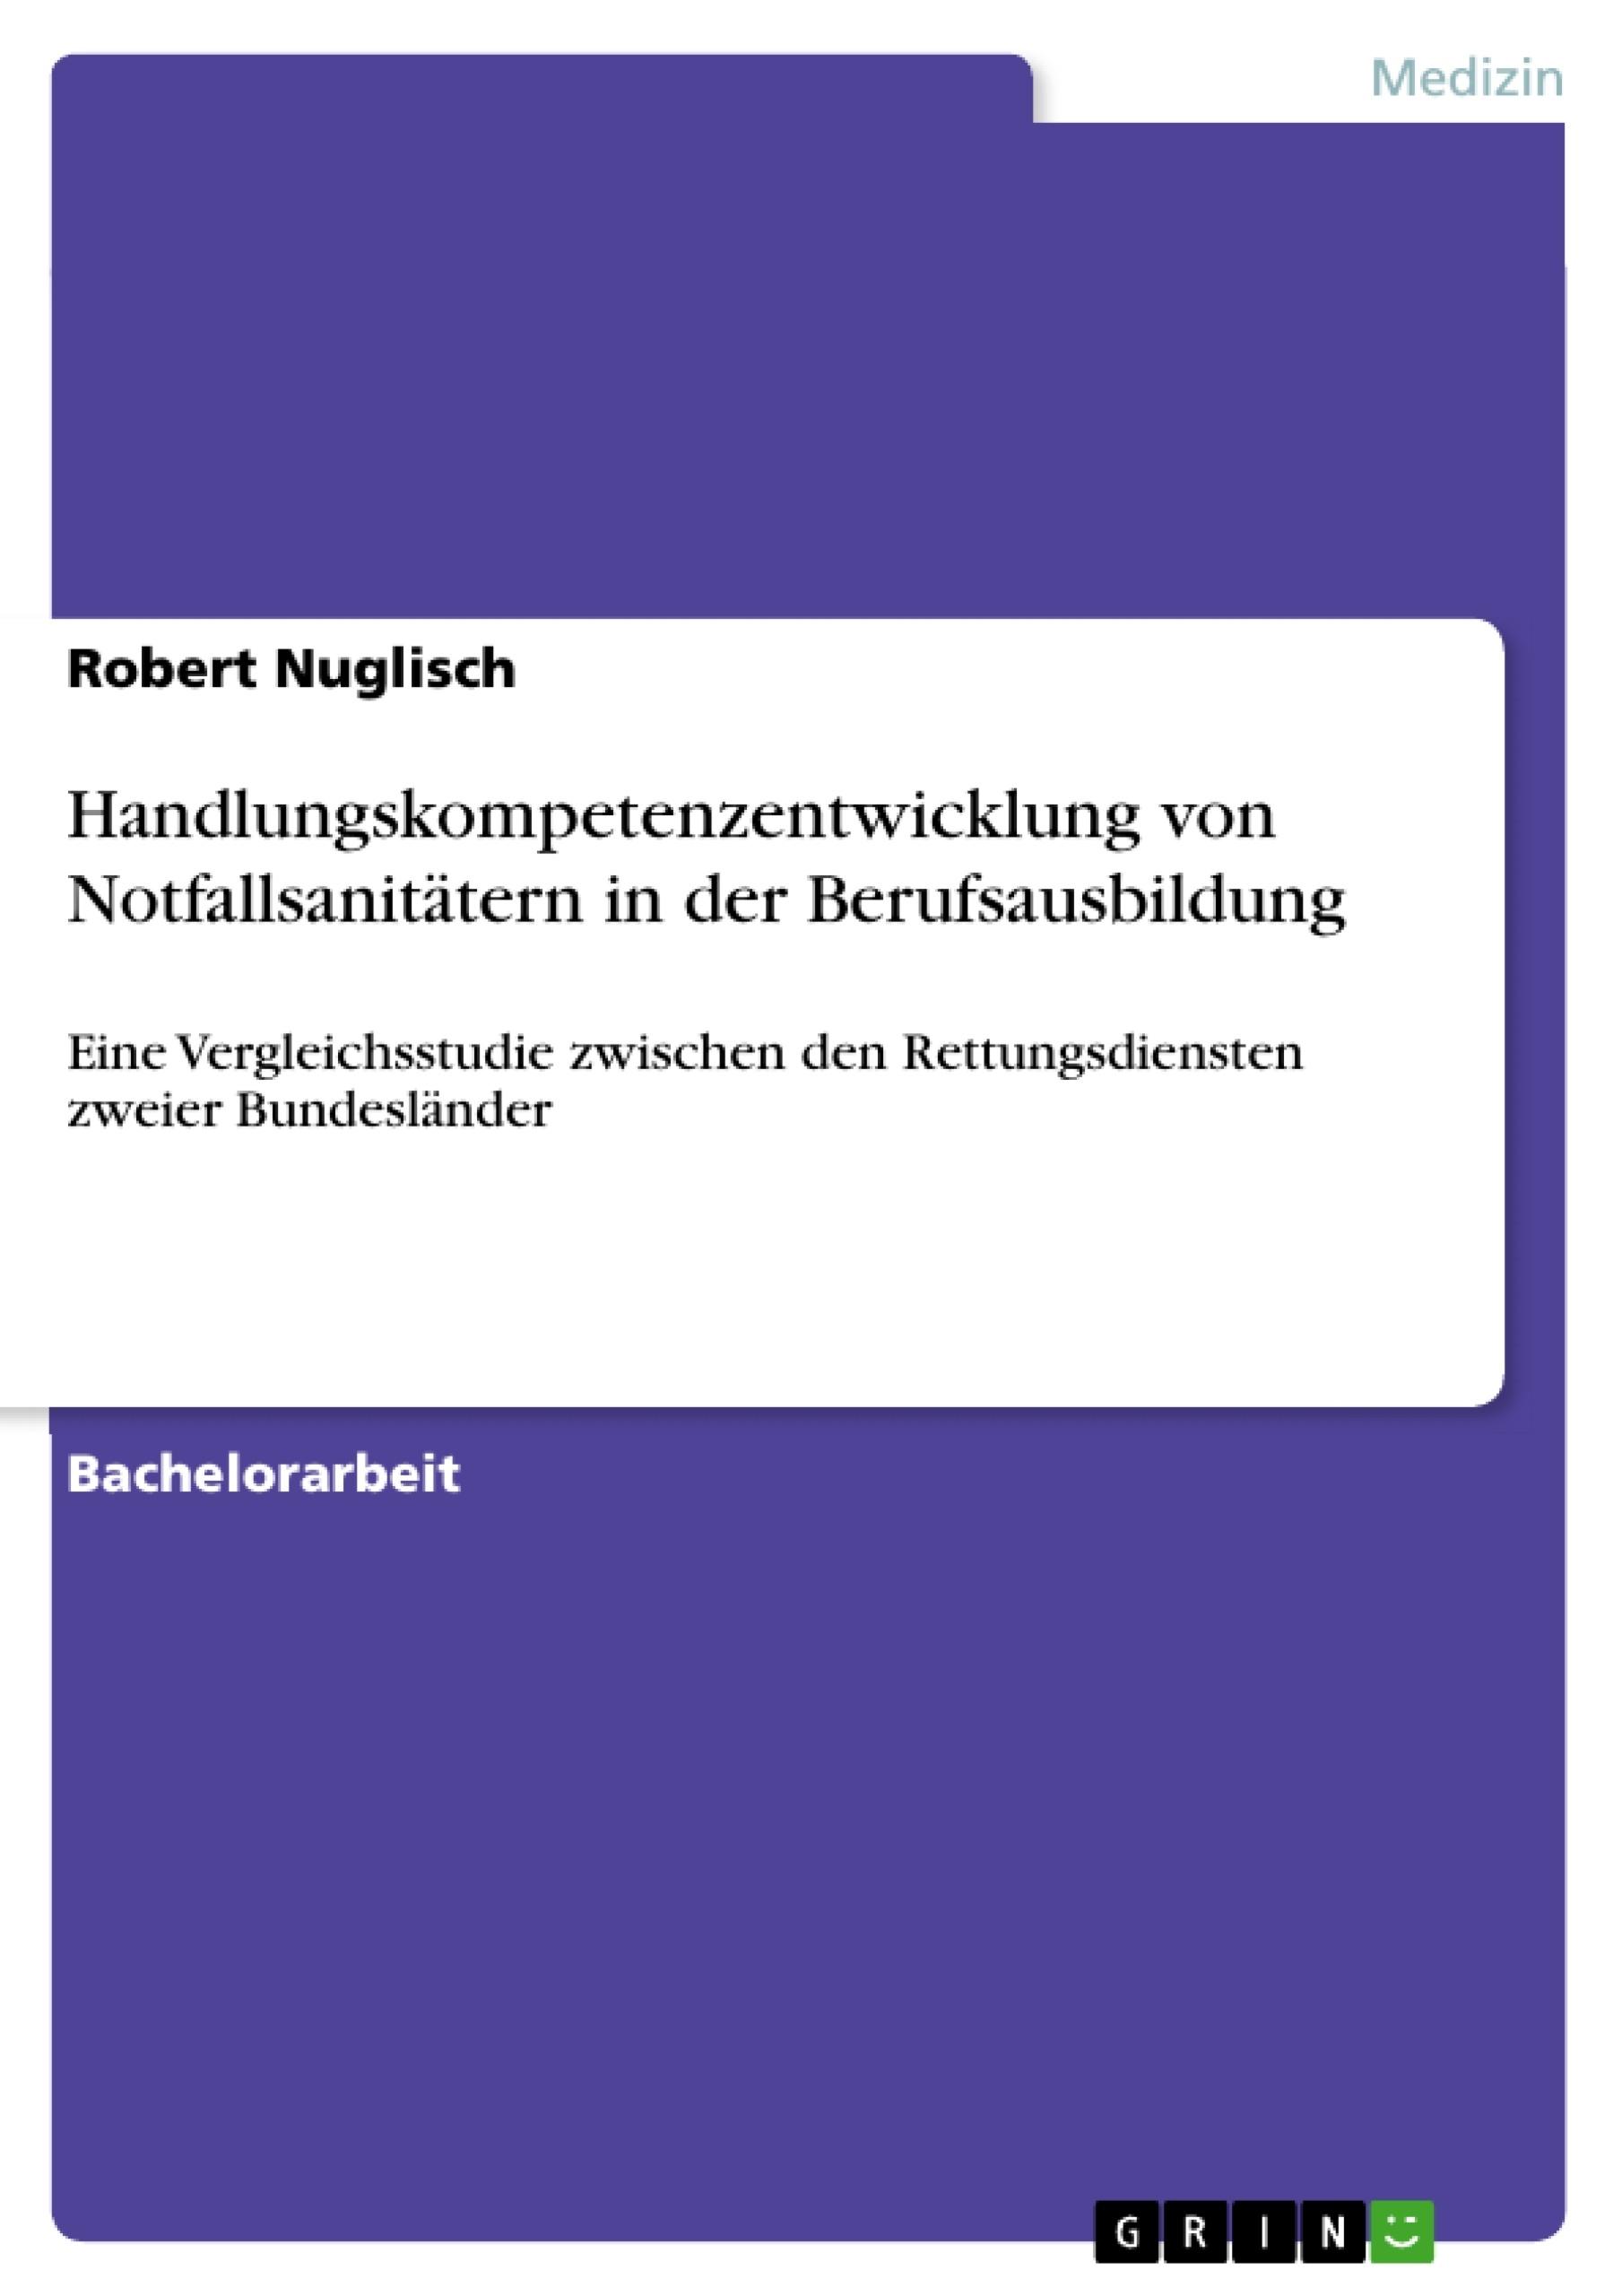 Titel: Handlungskompetenzentwicklung von Notfallsanitätern in der Berufsausbildung